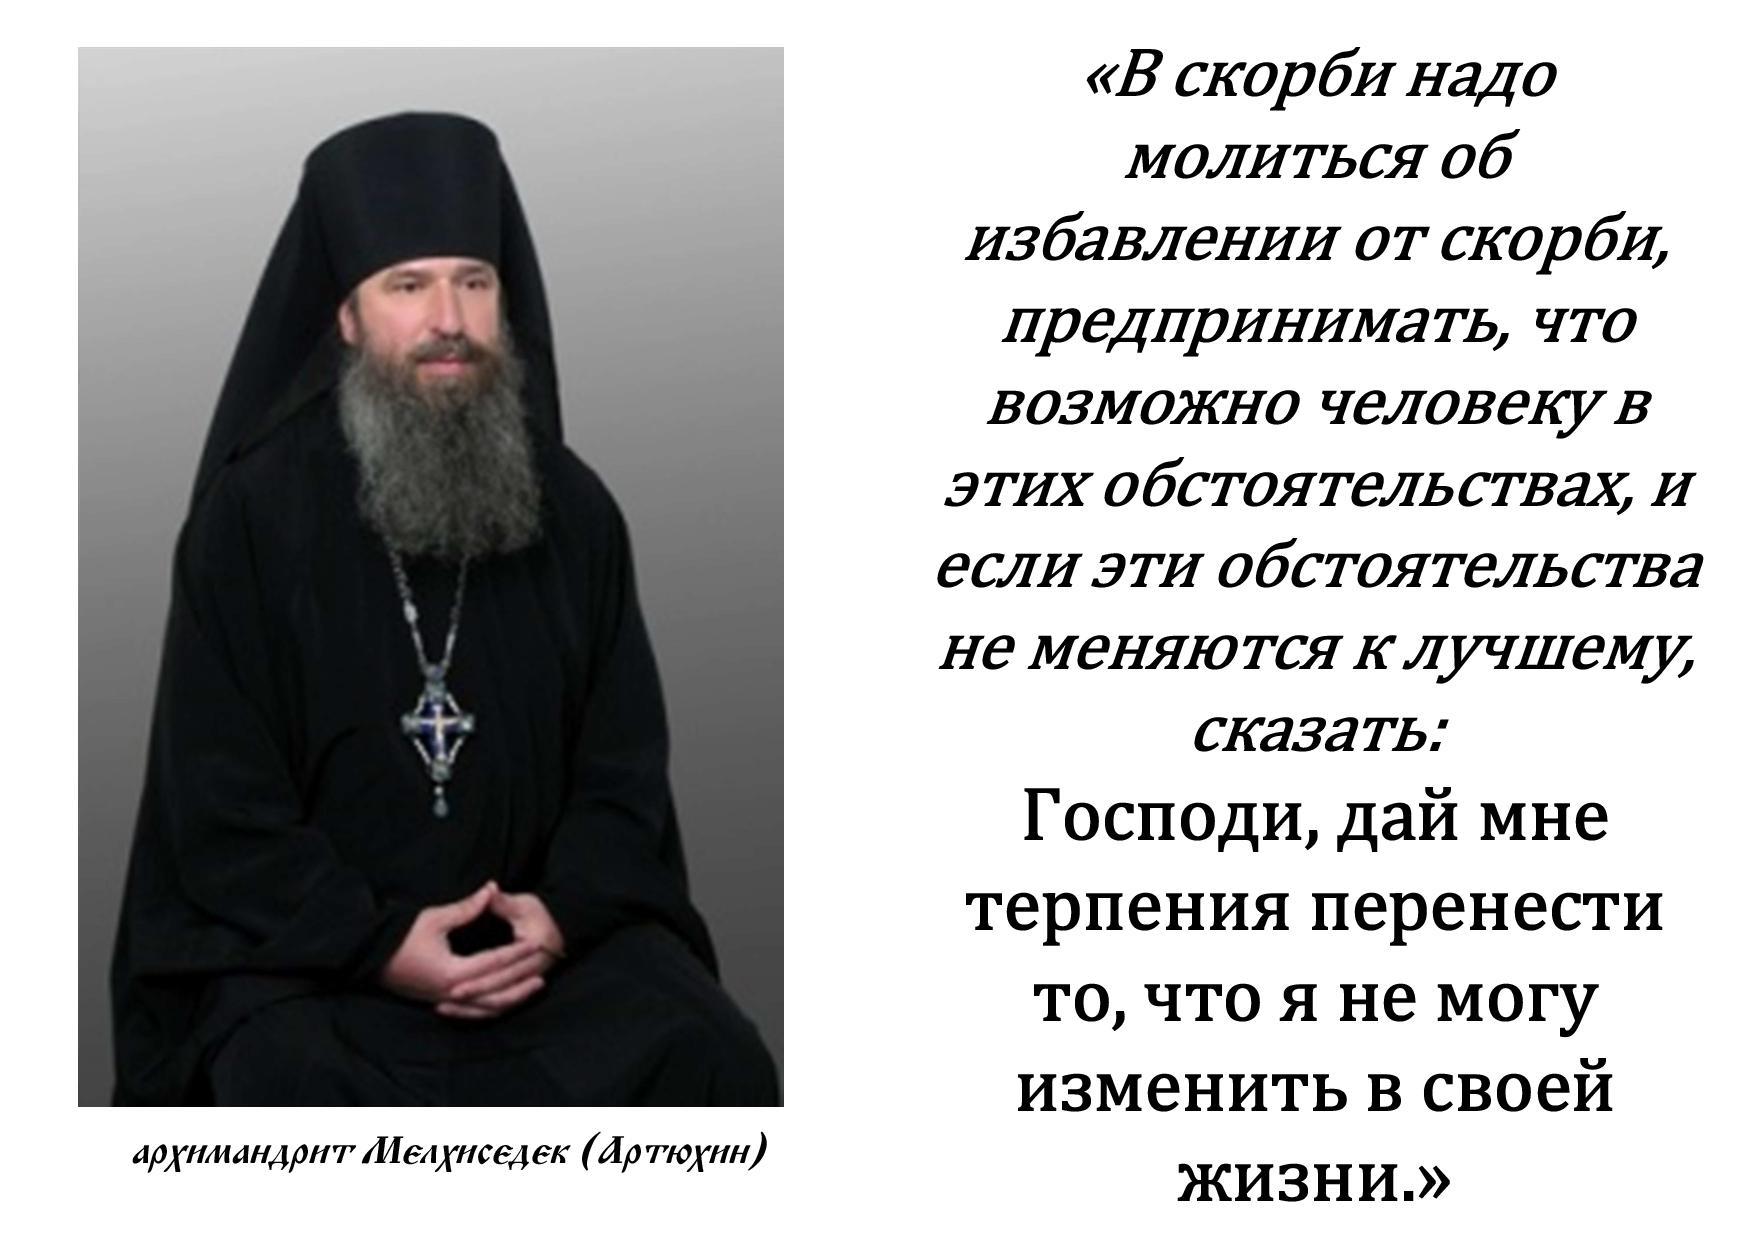 православии максима картинки утешения в скорби от бога асмус